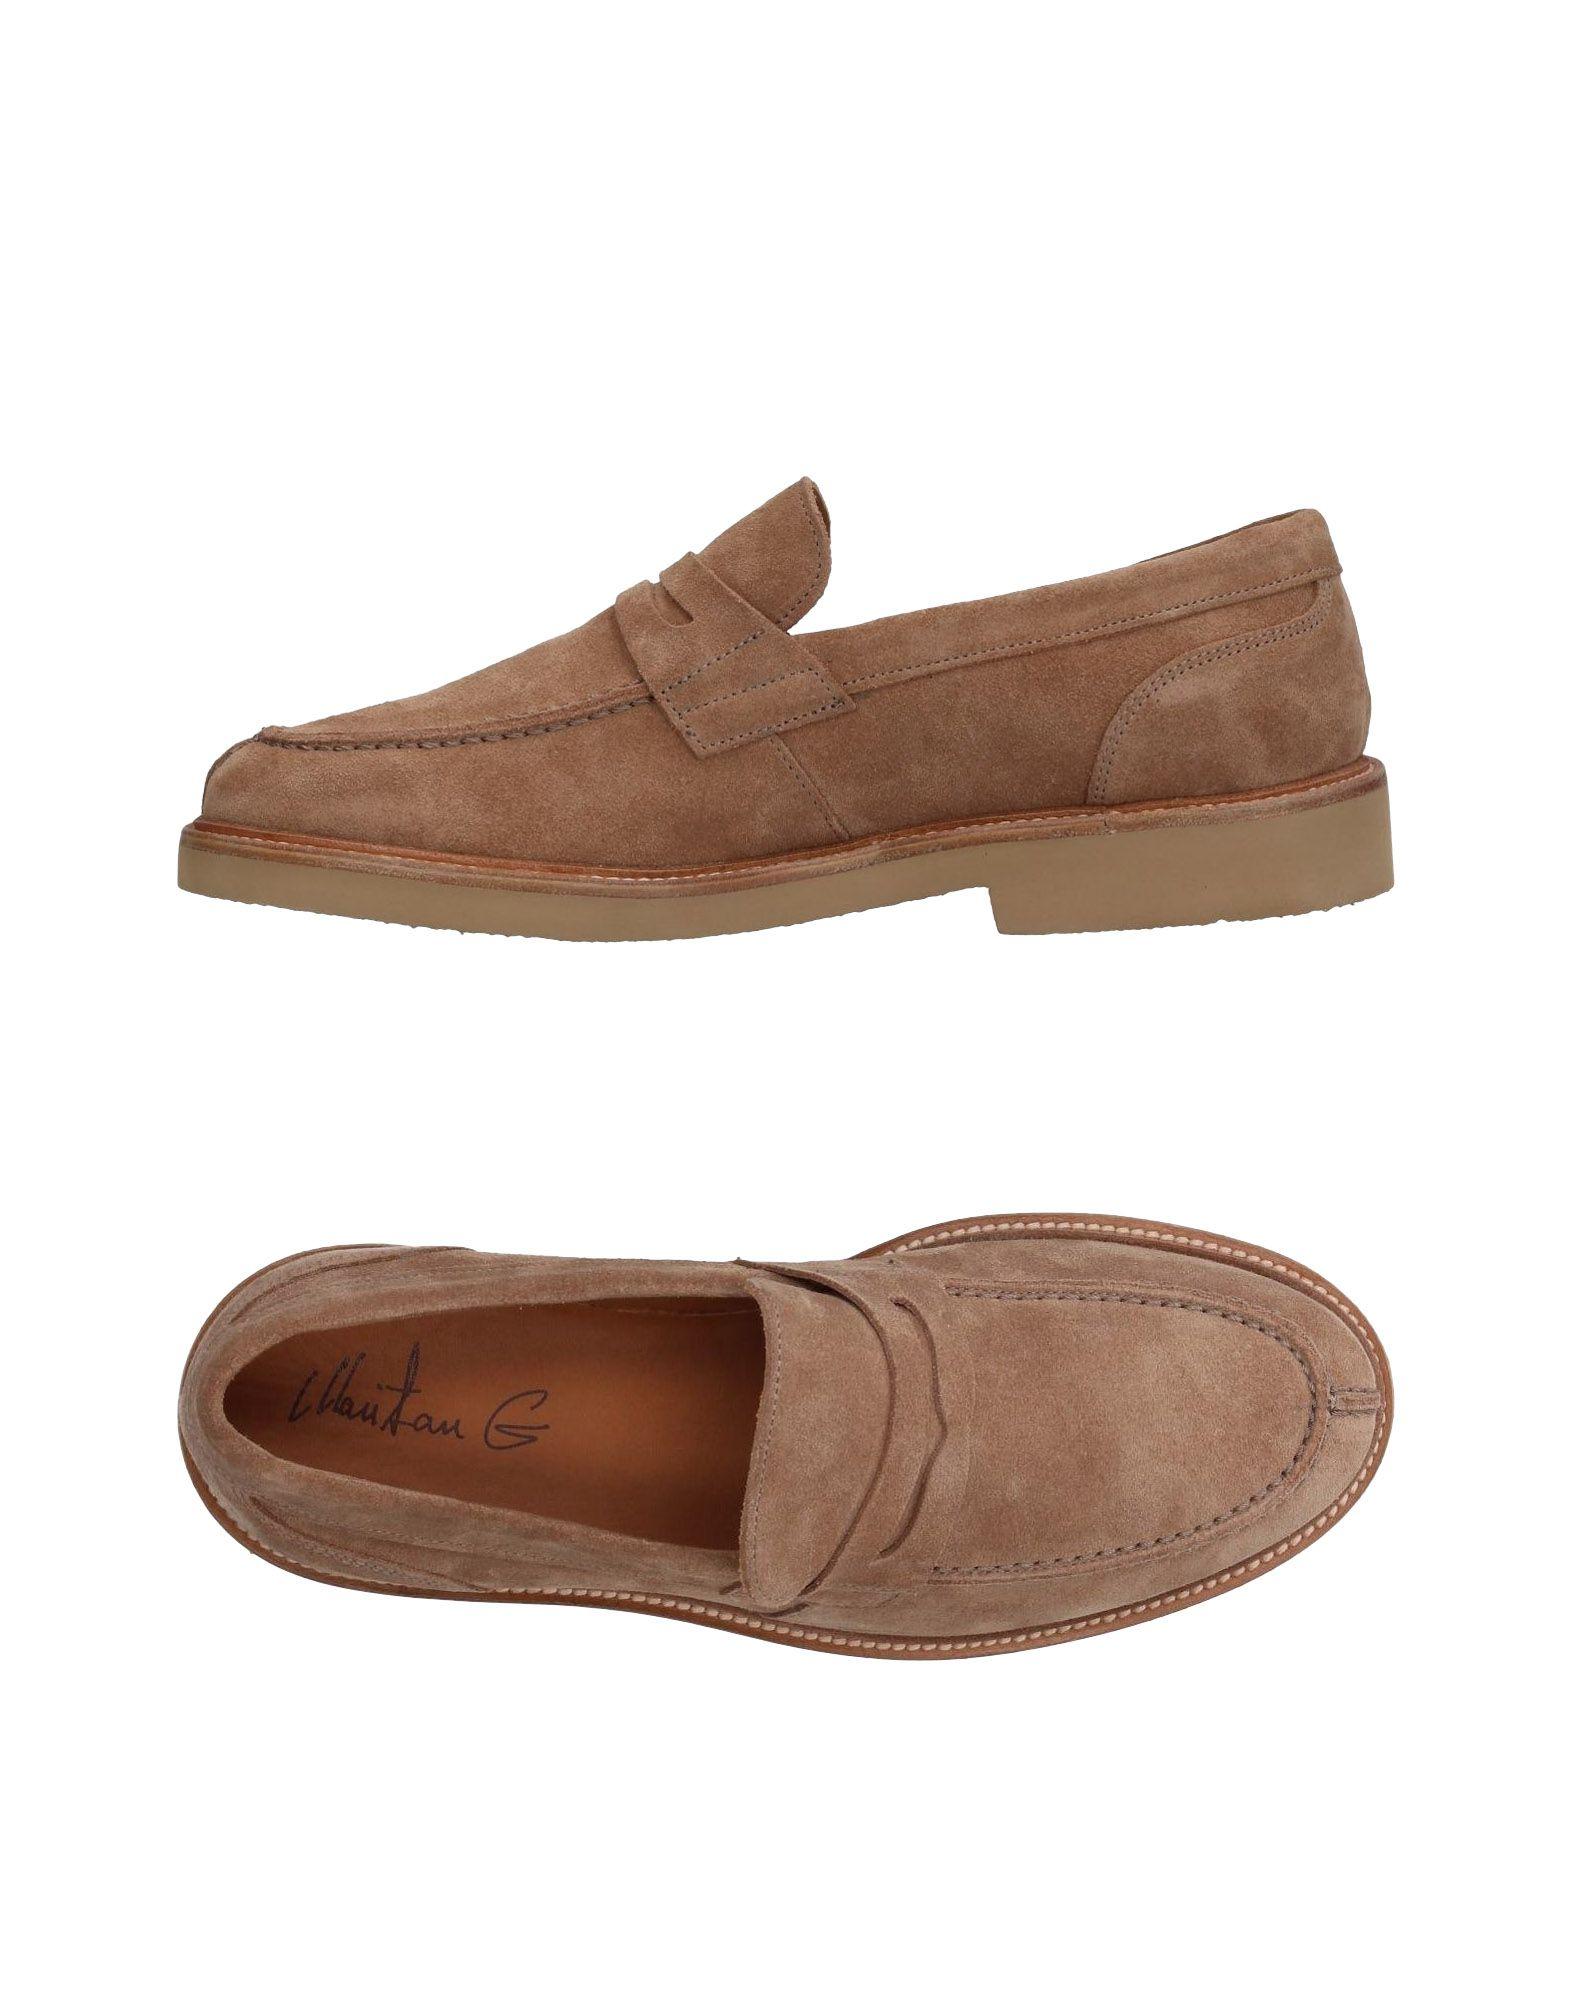 Rabatt echte Schuhe Maritan G Mokassins Herren  11363977CI